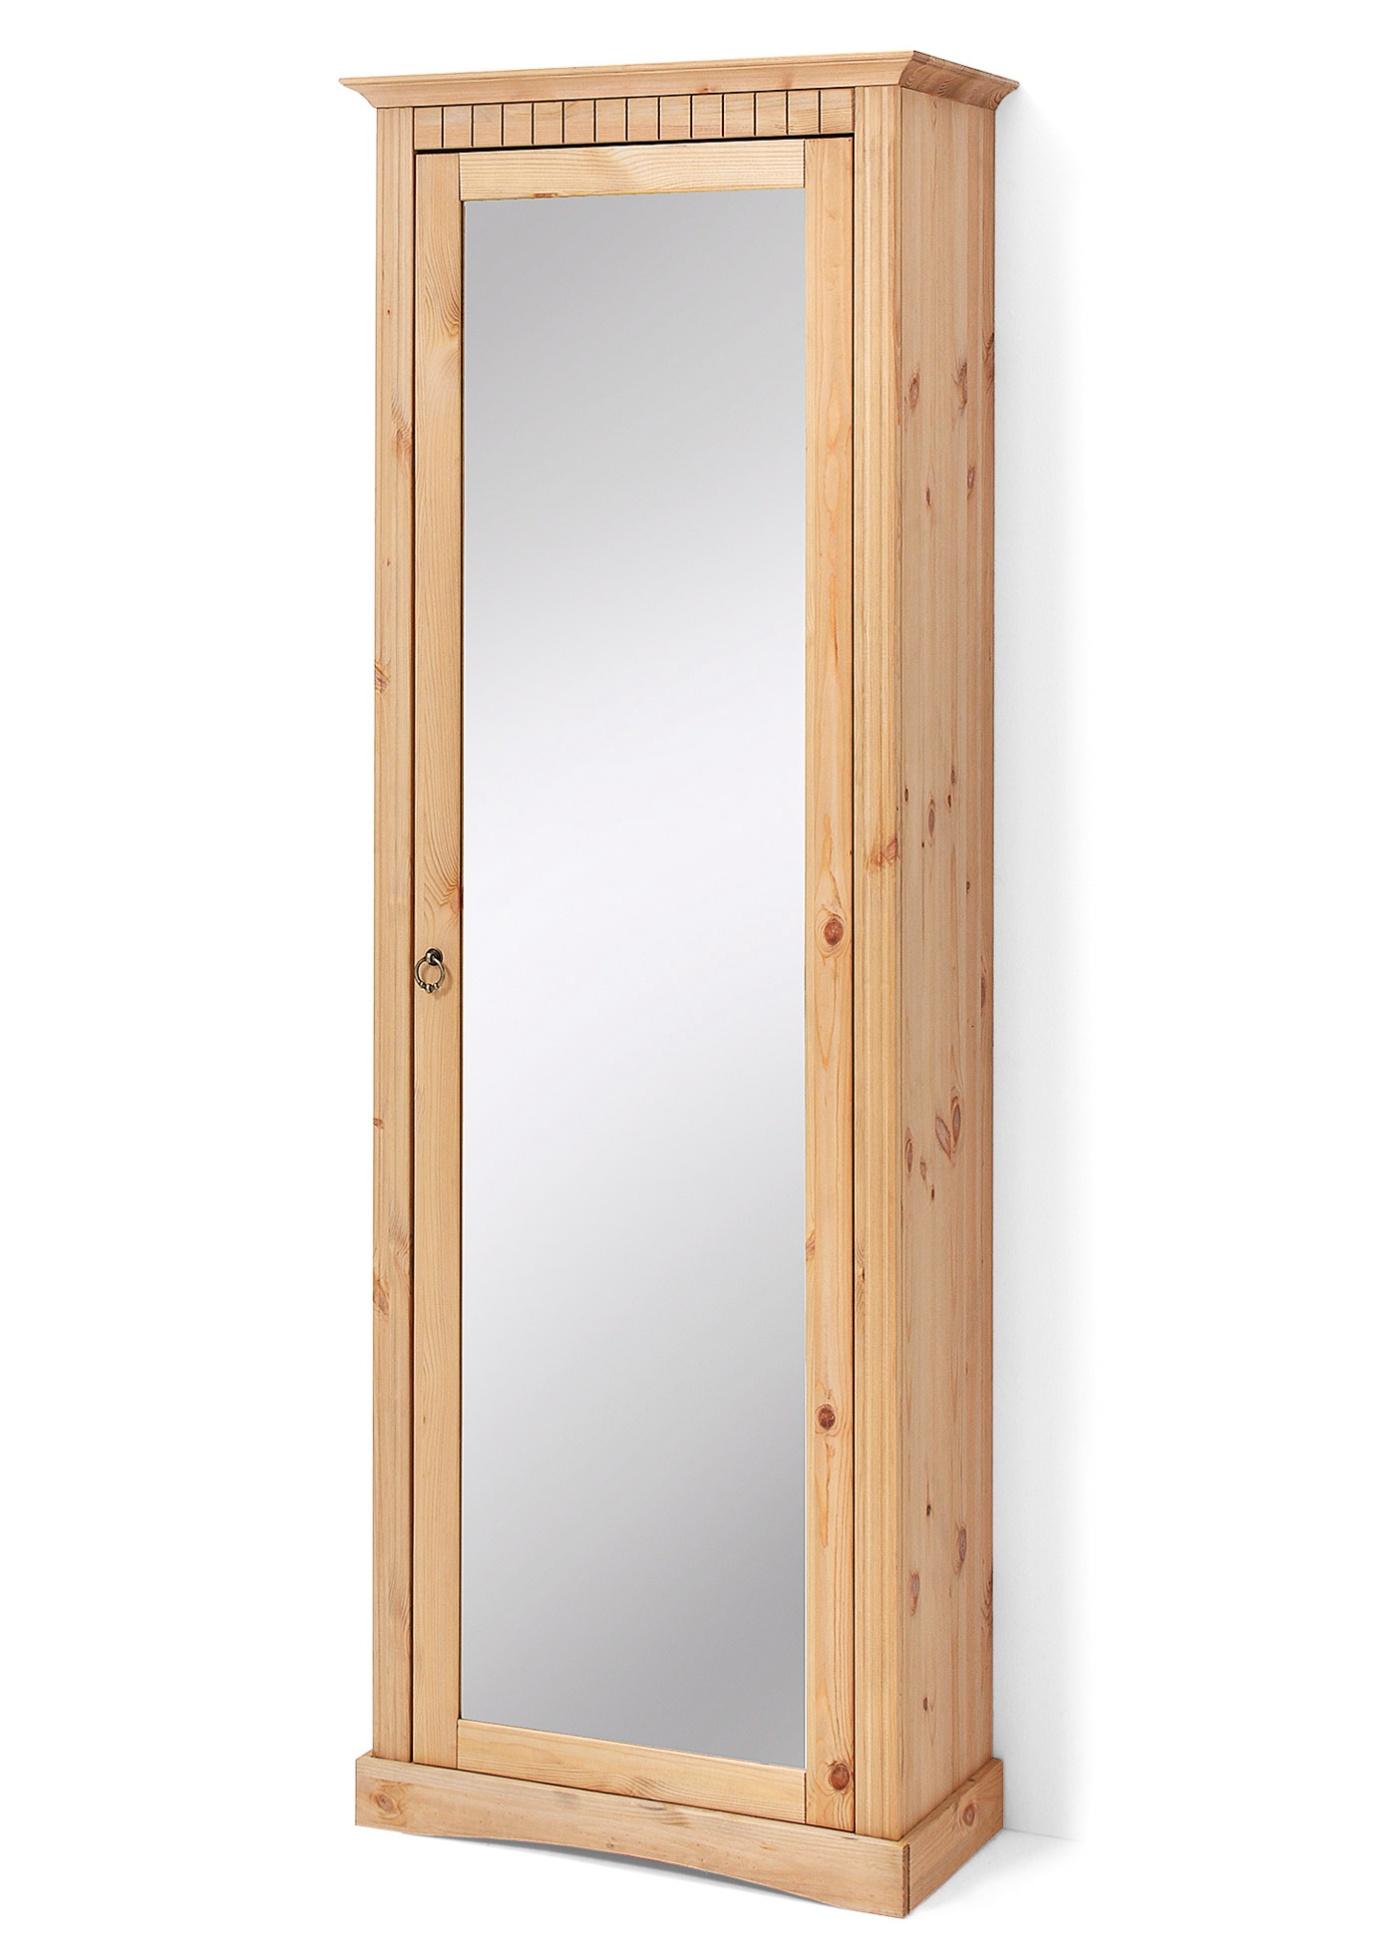 Bpc Living Schuhschrank mit Spiegel Neapel in beige von bonprix